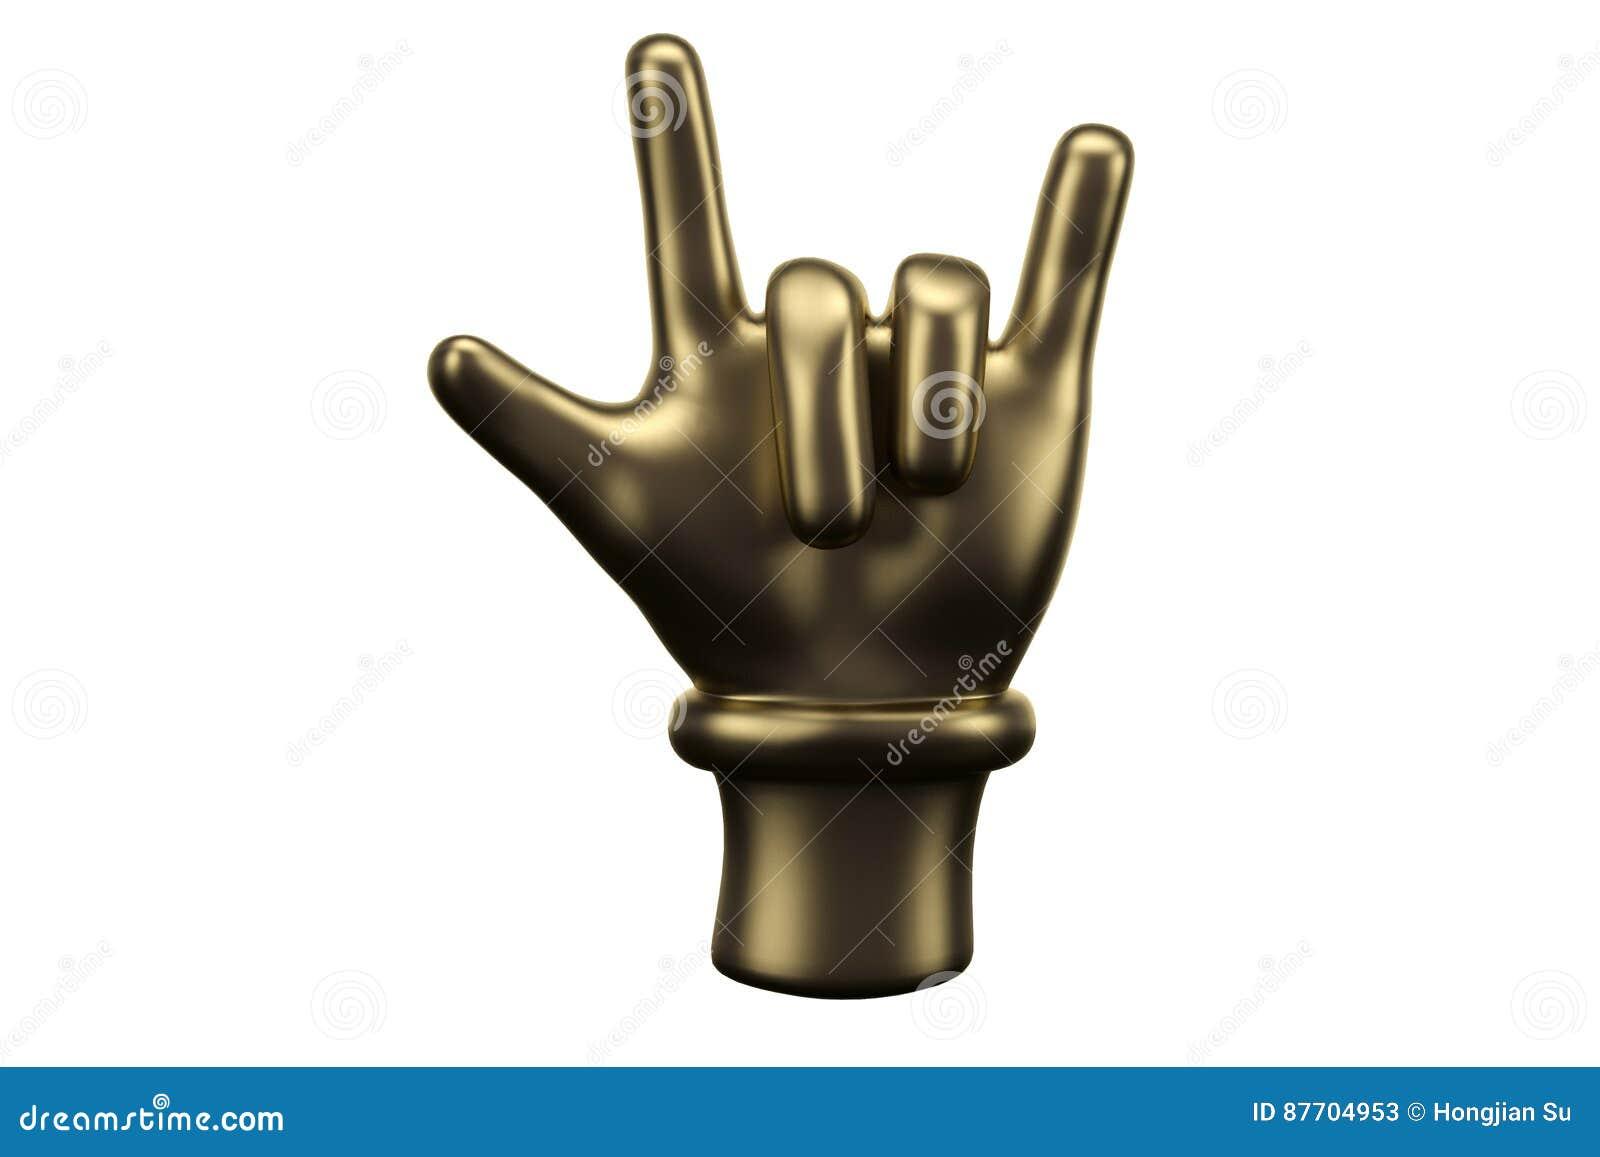 Corna d or, doigt de roche illustration 3D